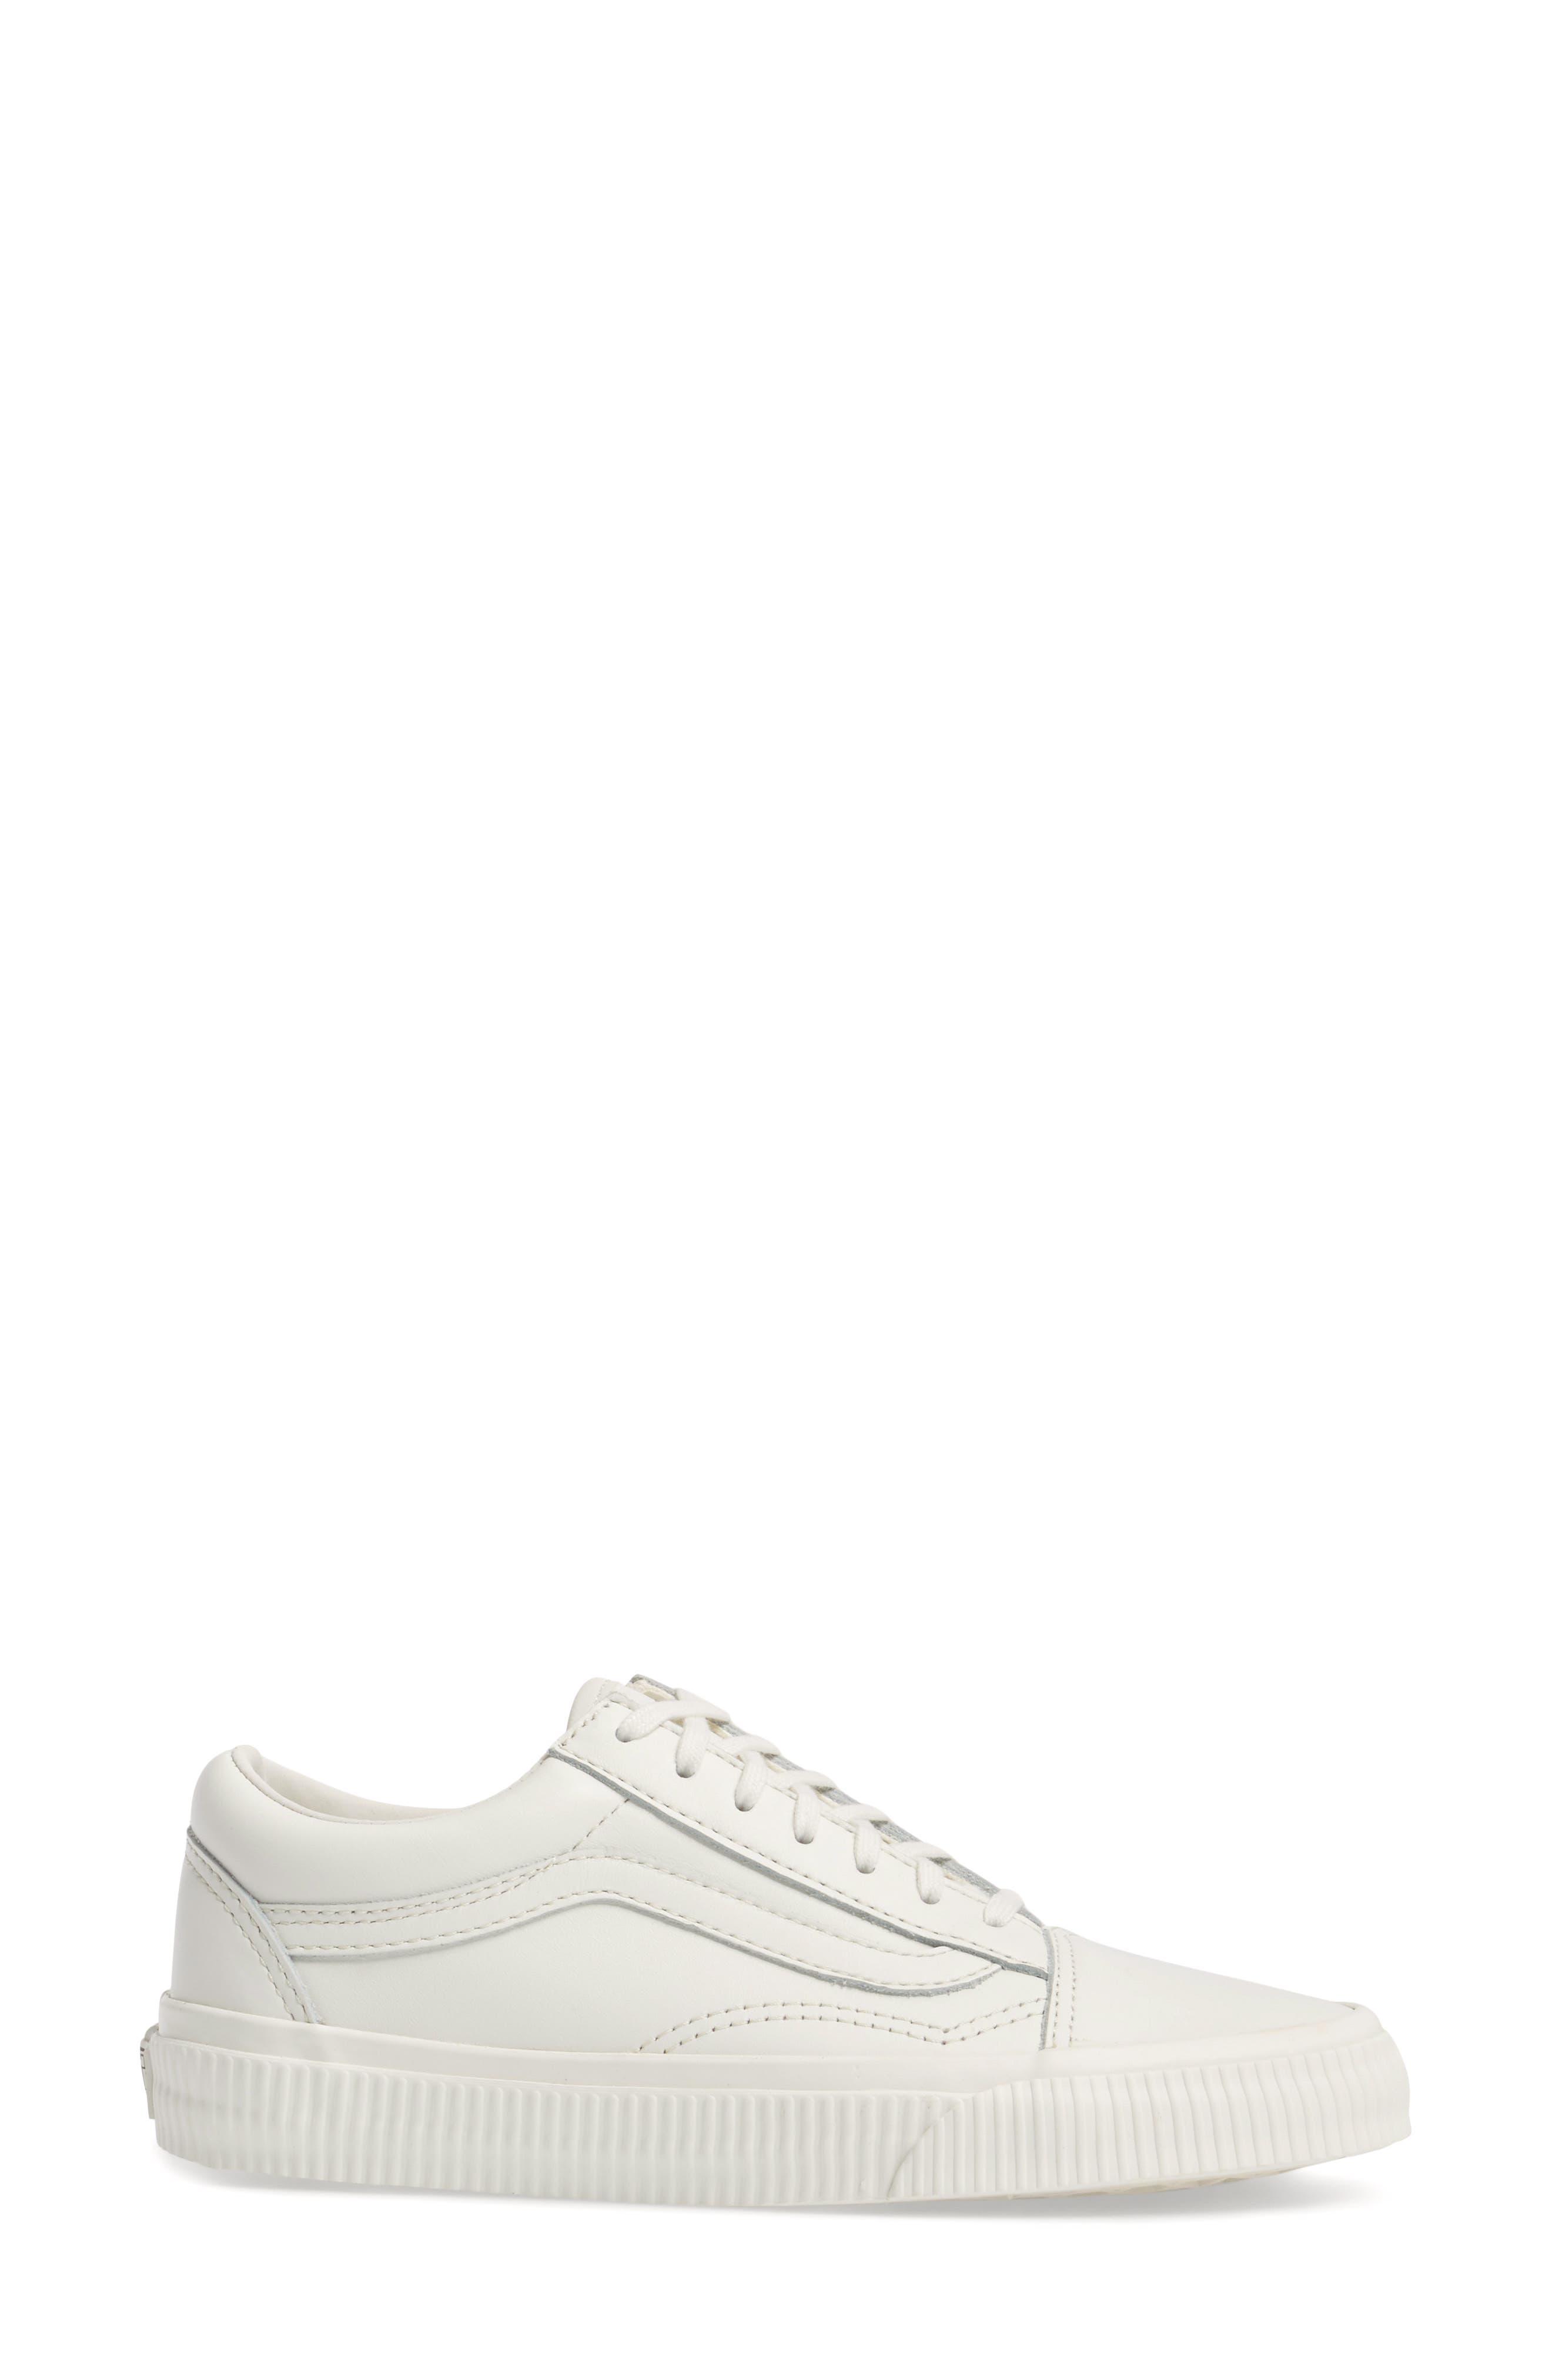 Alternate Image 3  - Vans Old Skool Sneaker (Women)